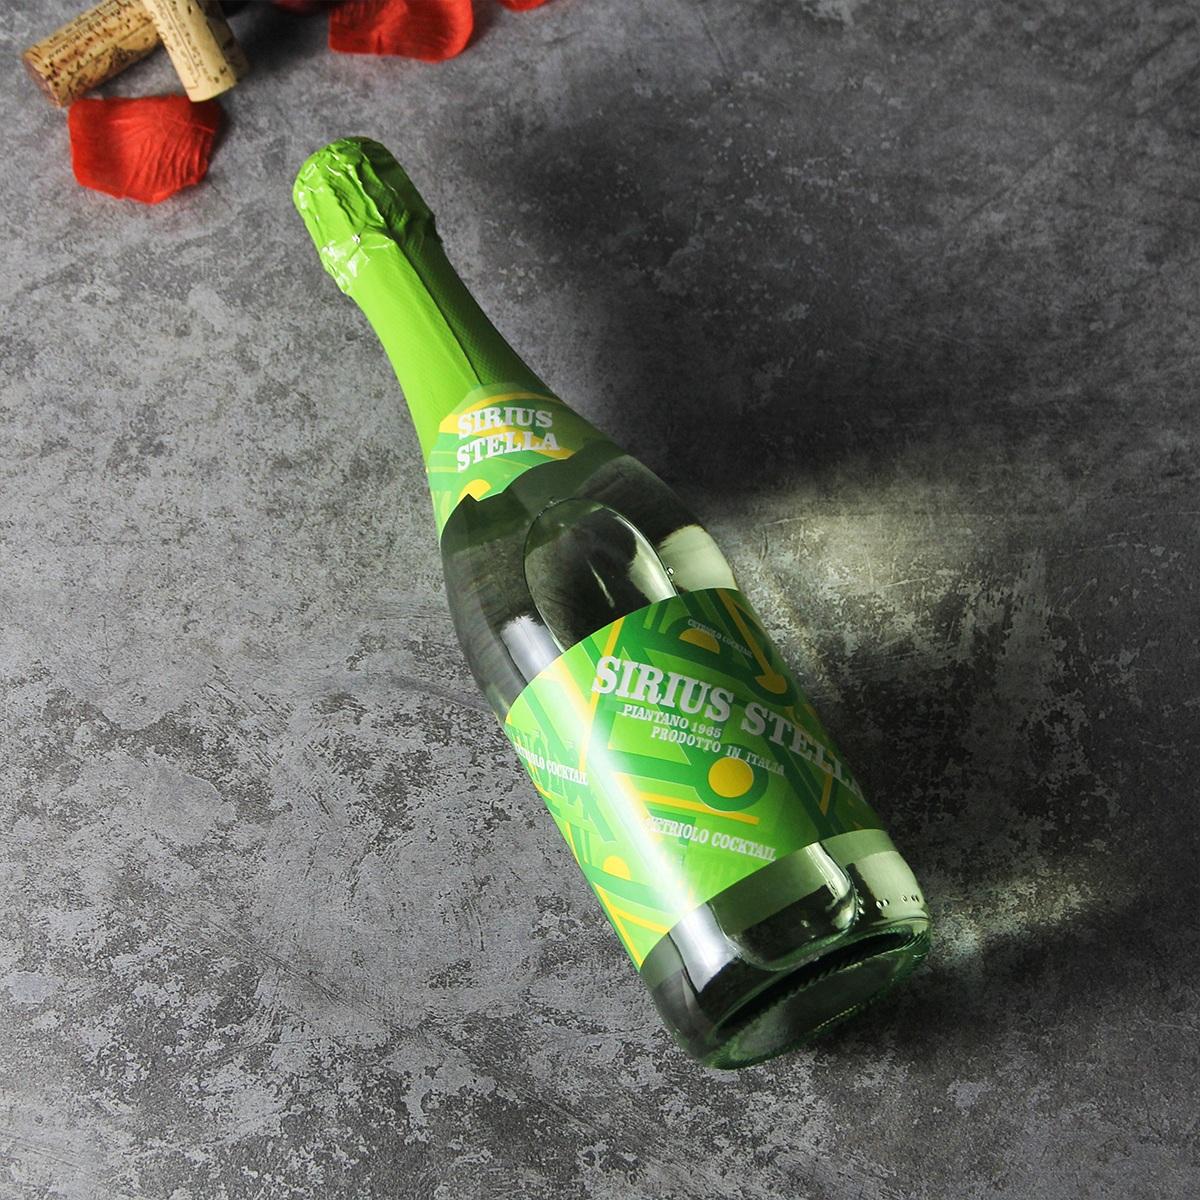 意大利皮埃蒙特万多酒庄天狼星青瓜起泡葡萄鸡尾酒